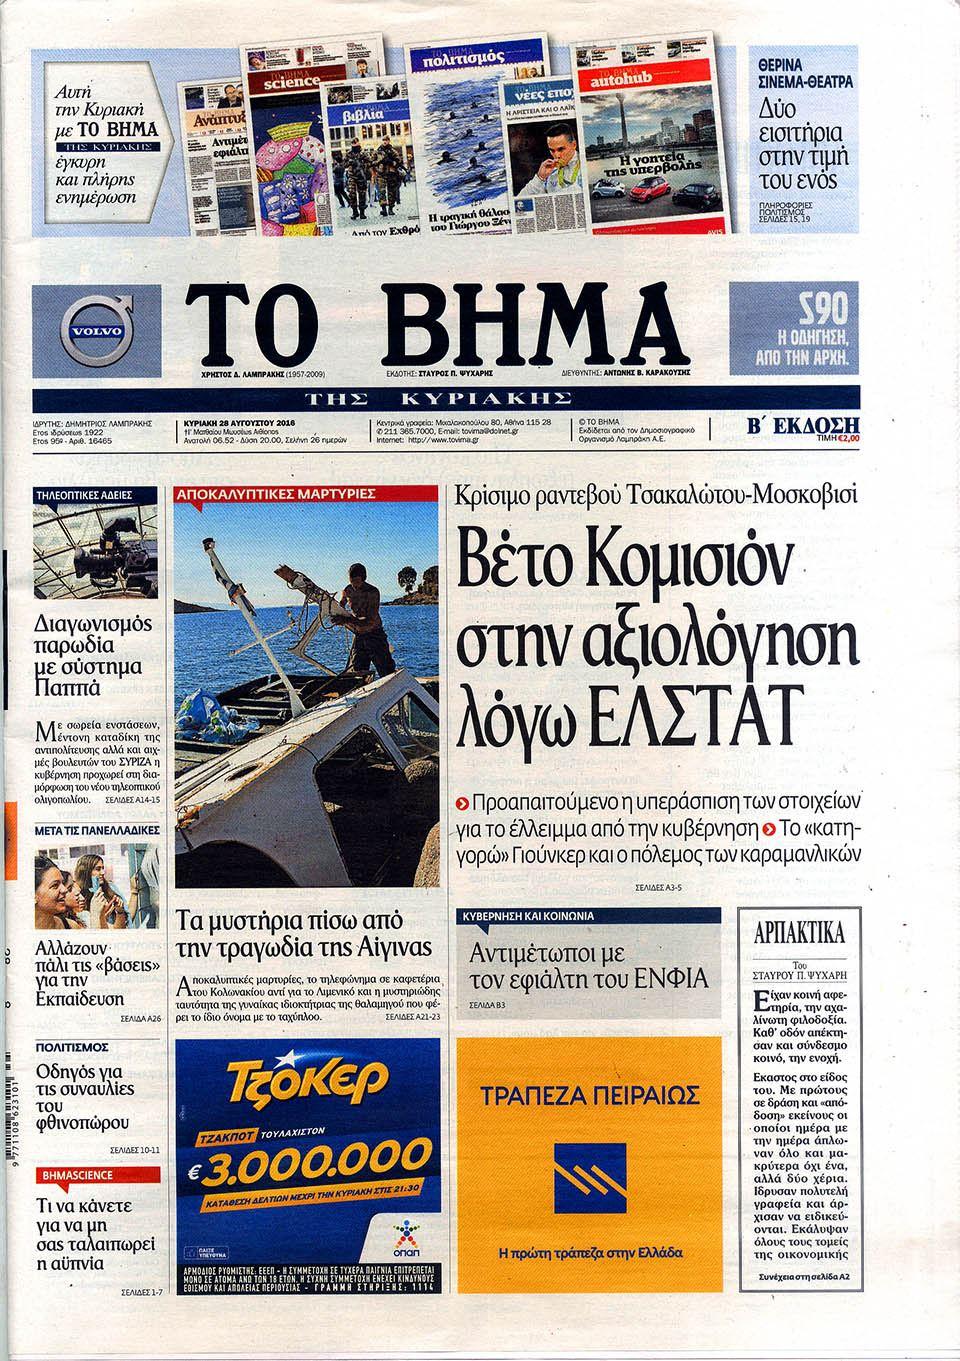 Το Βήμα: Βέτο της Κομισιόν στην αξιολόγηση λόγω ΕΛΣΑΤ... «Η χρεοκοπία της Ελλάδας οφείλεται στον Καραμανλή»!